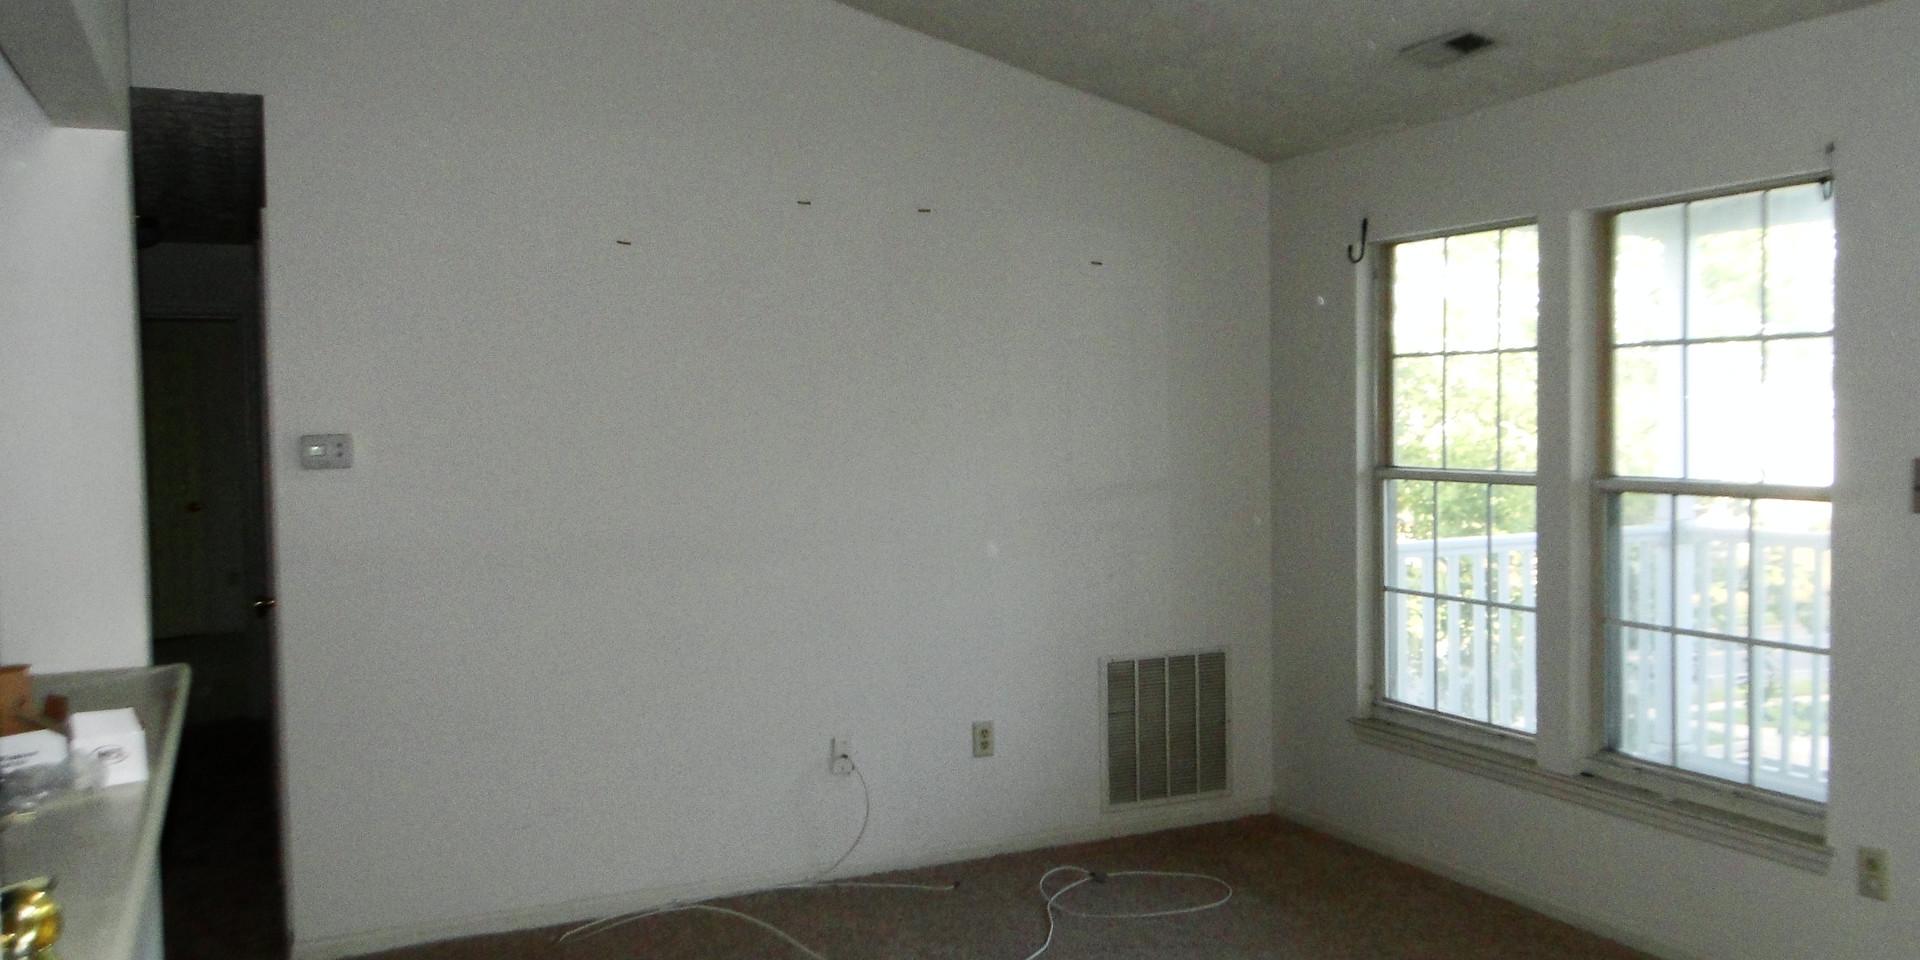 03 - Living Room.JPG